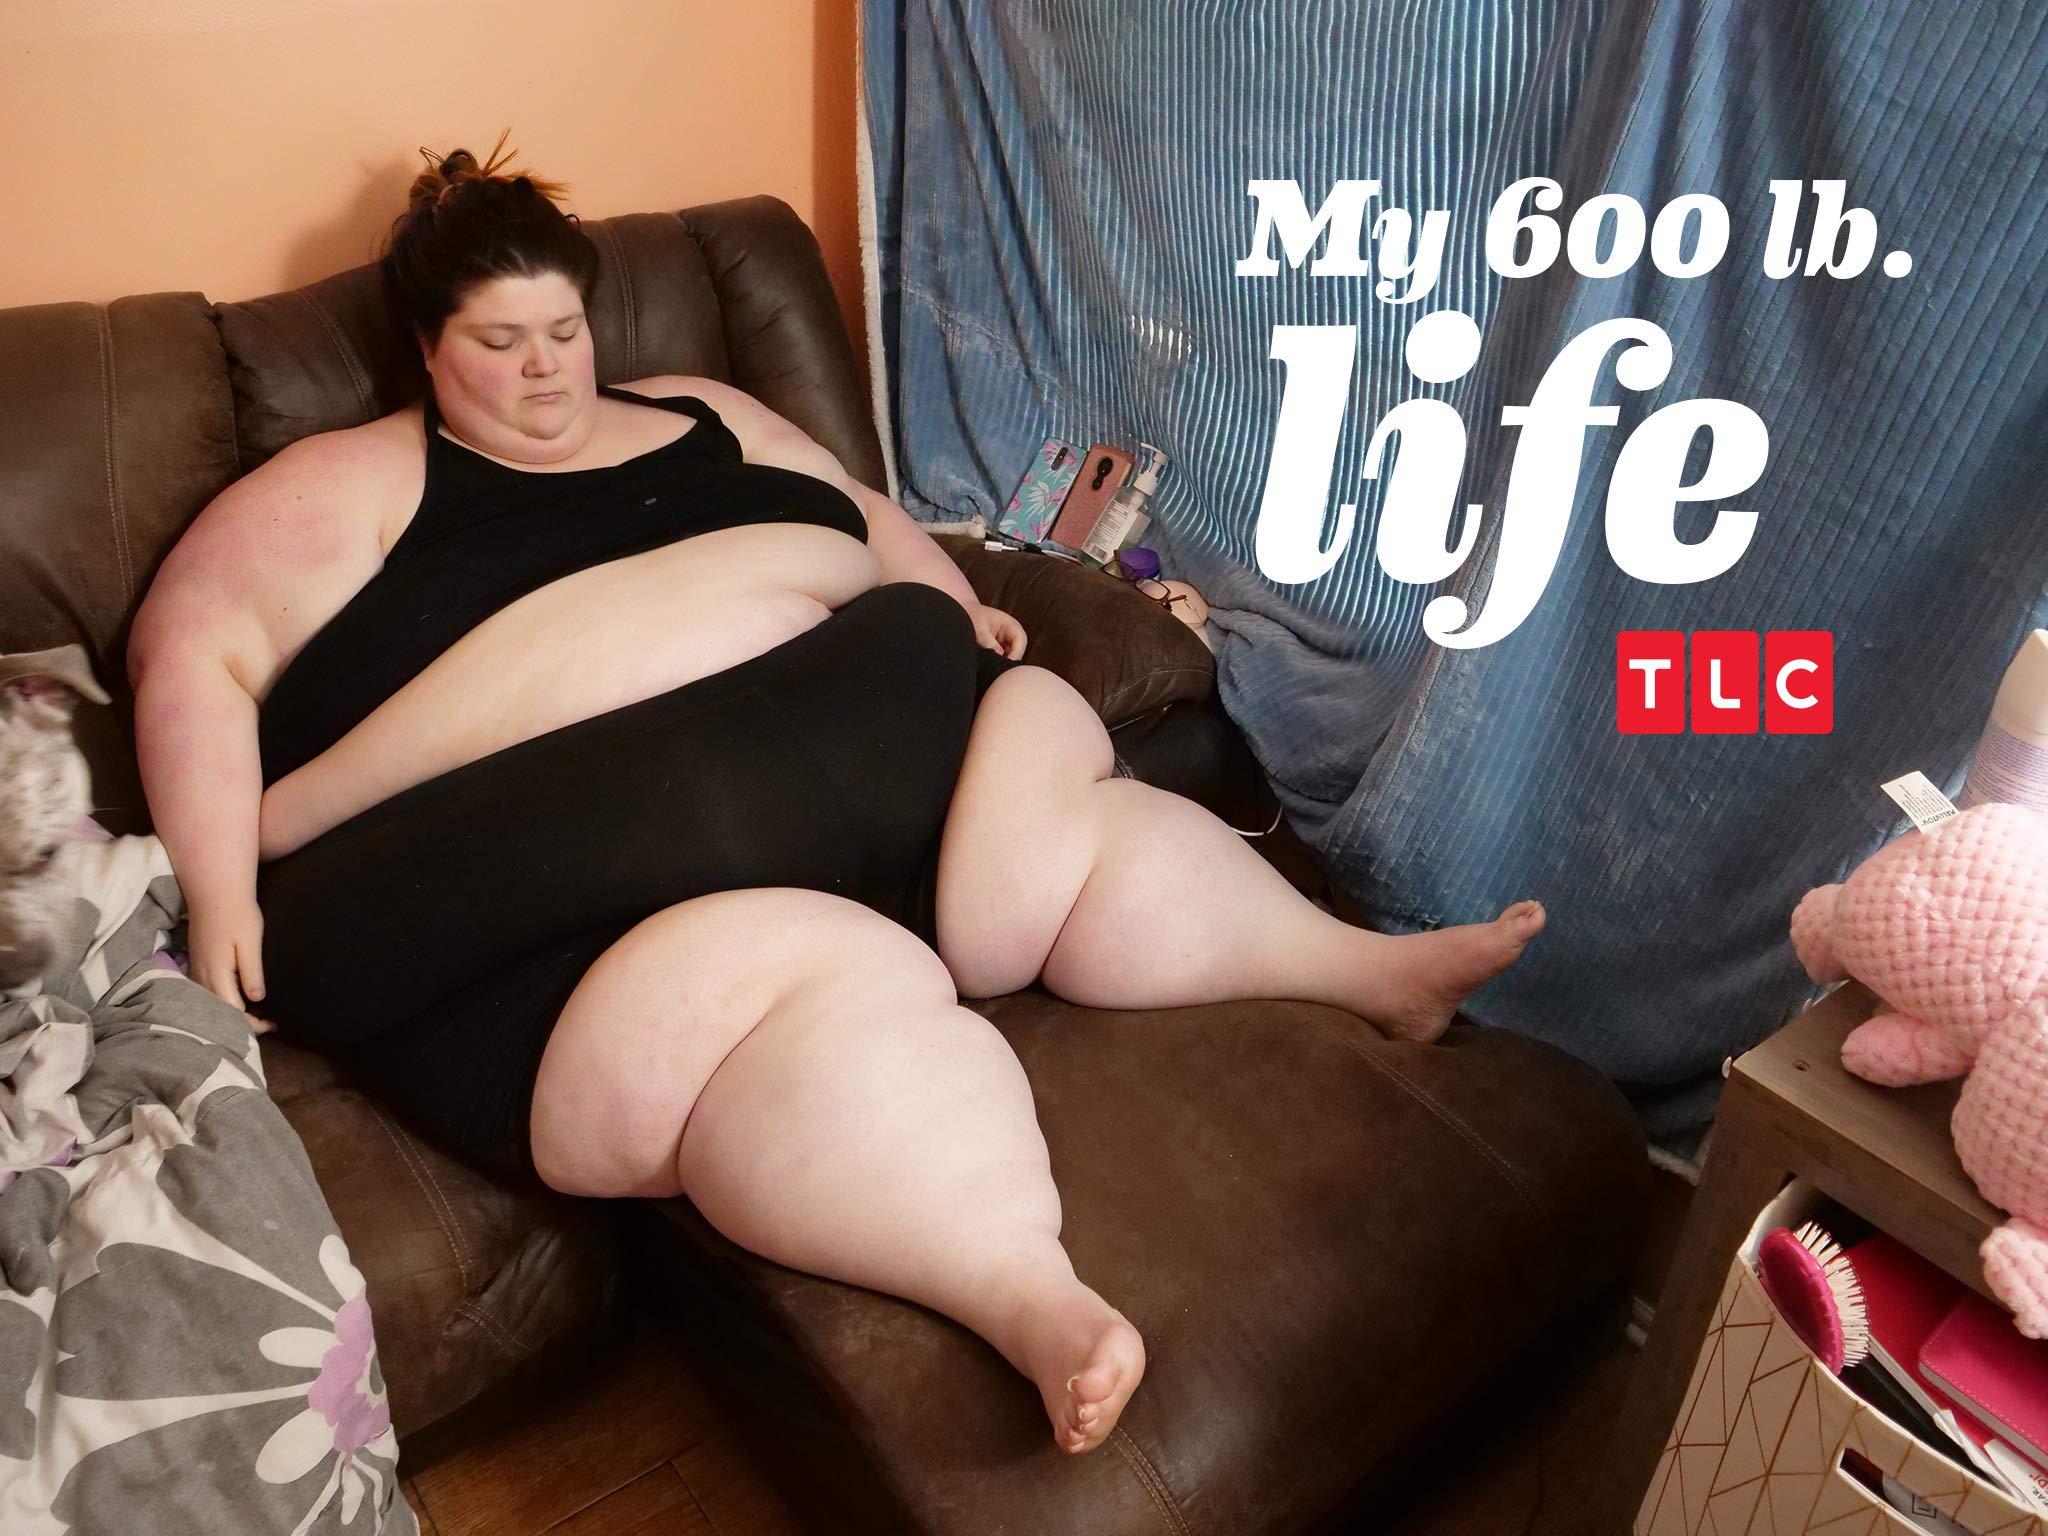 Watch My 600 Lb Life Season 7 Prime Video